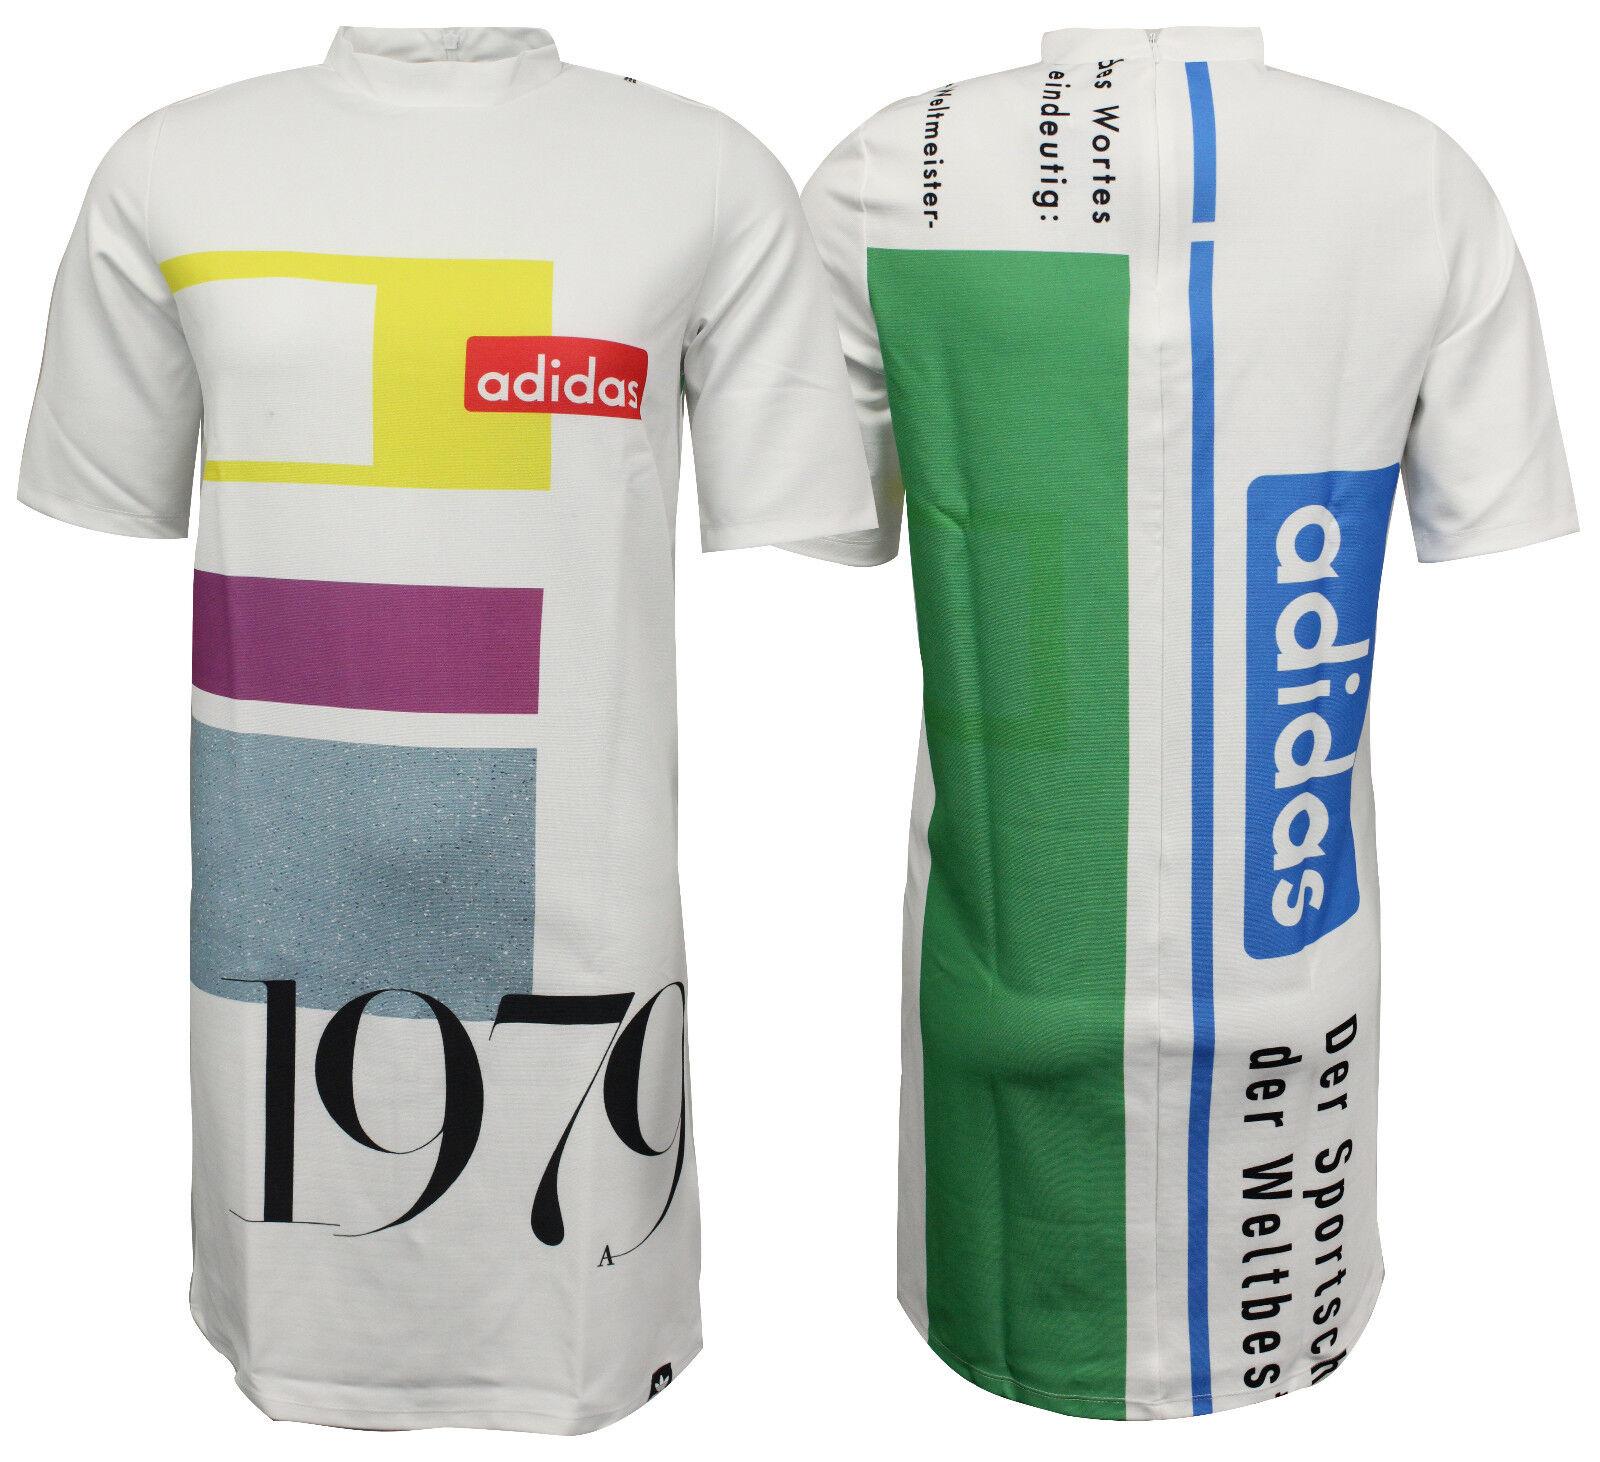 t-shirt adidas weltmeister